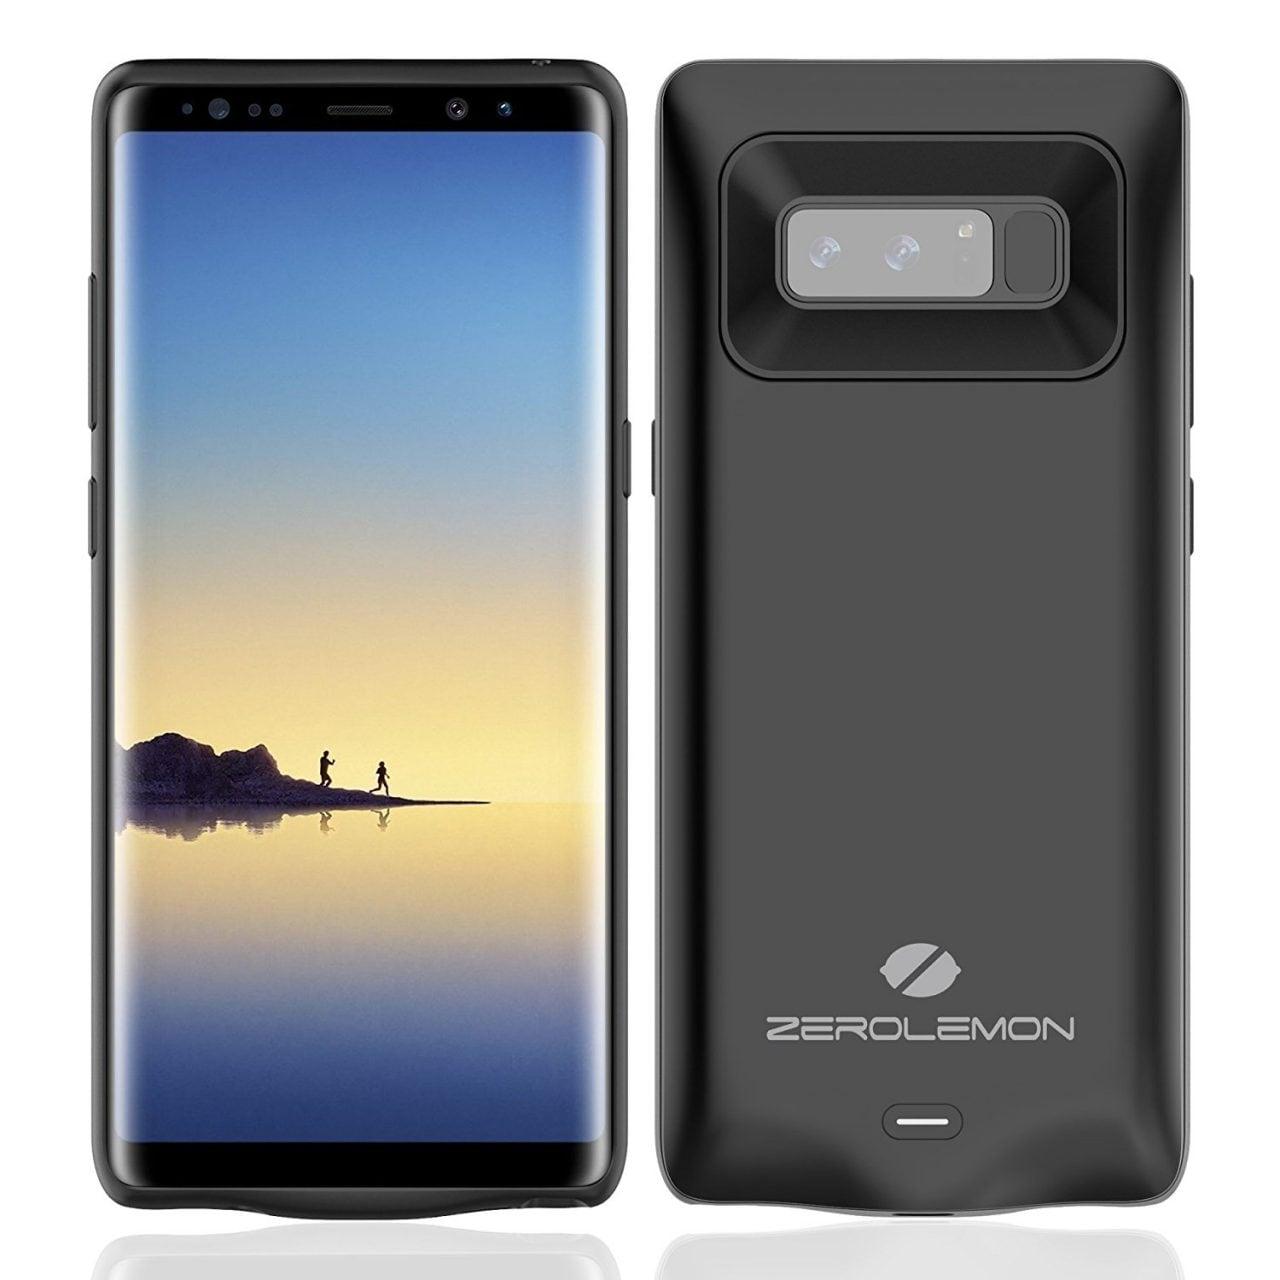 Raddoppiate l'autonomia del vostro Galaxy Note 8 con questa cover/batteria di ZeroLemon (foto)